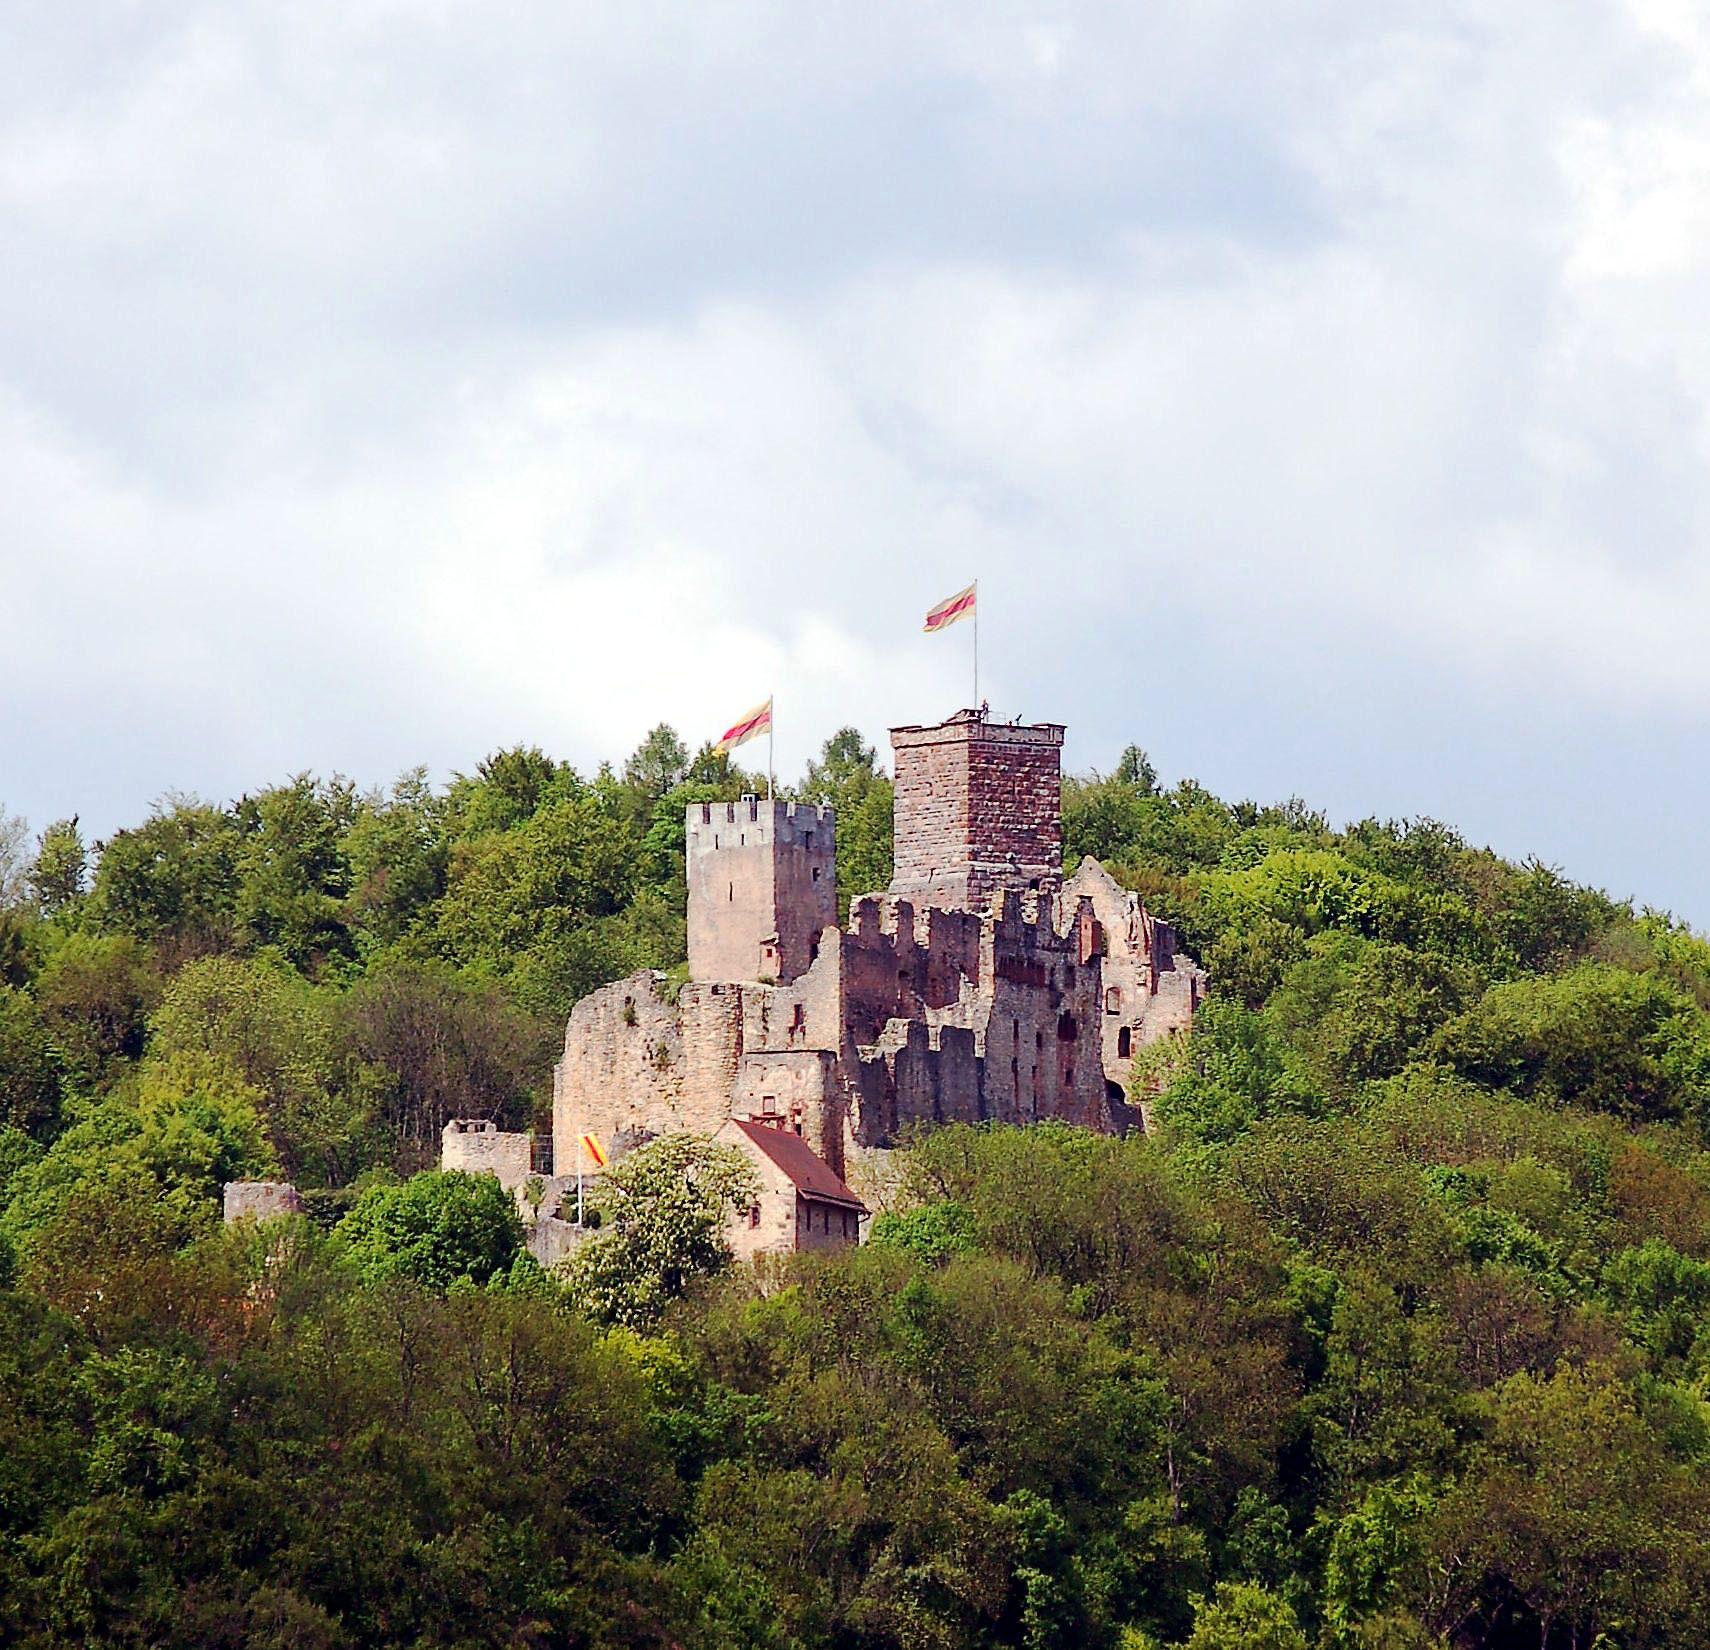 Amazing Die Burg Neuenfels ist eine Burgruine oberhalb von Britzingen einem Ortsteil der Stadt M llheim im Markgr flerland Die Ruine liegt auf einem u